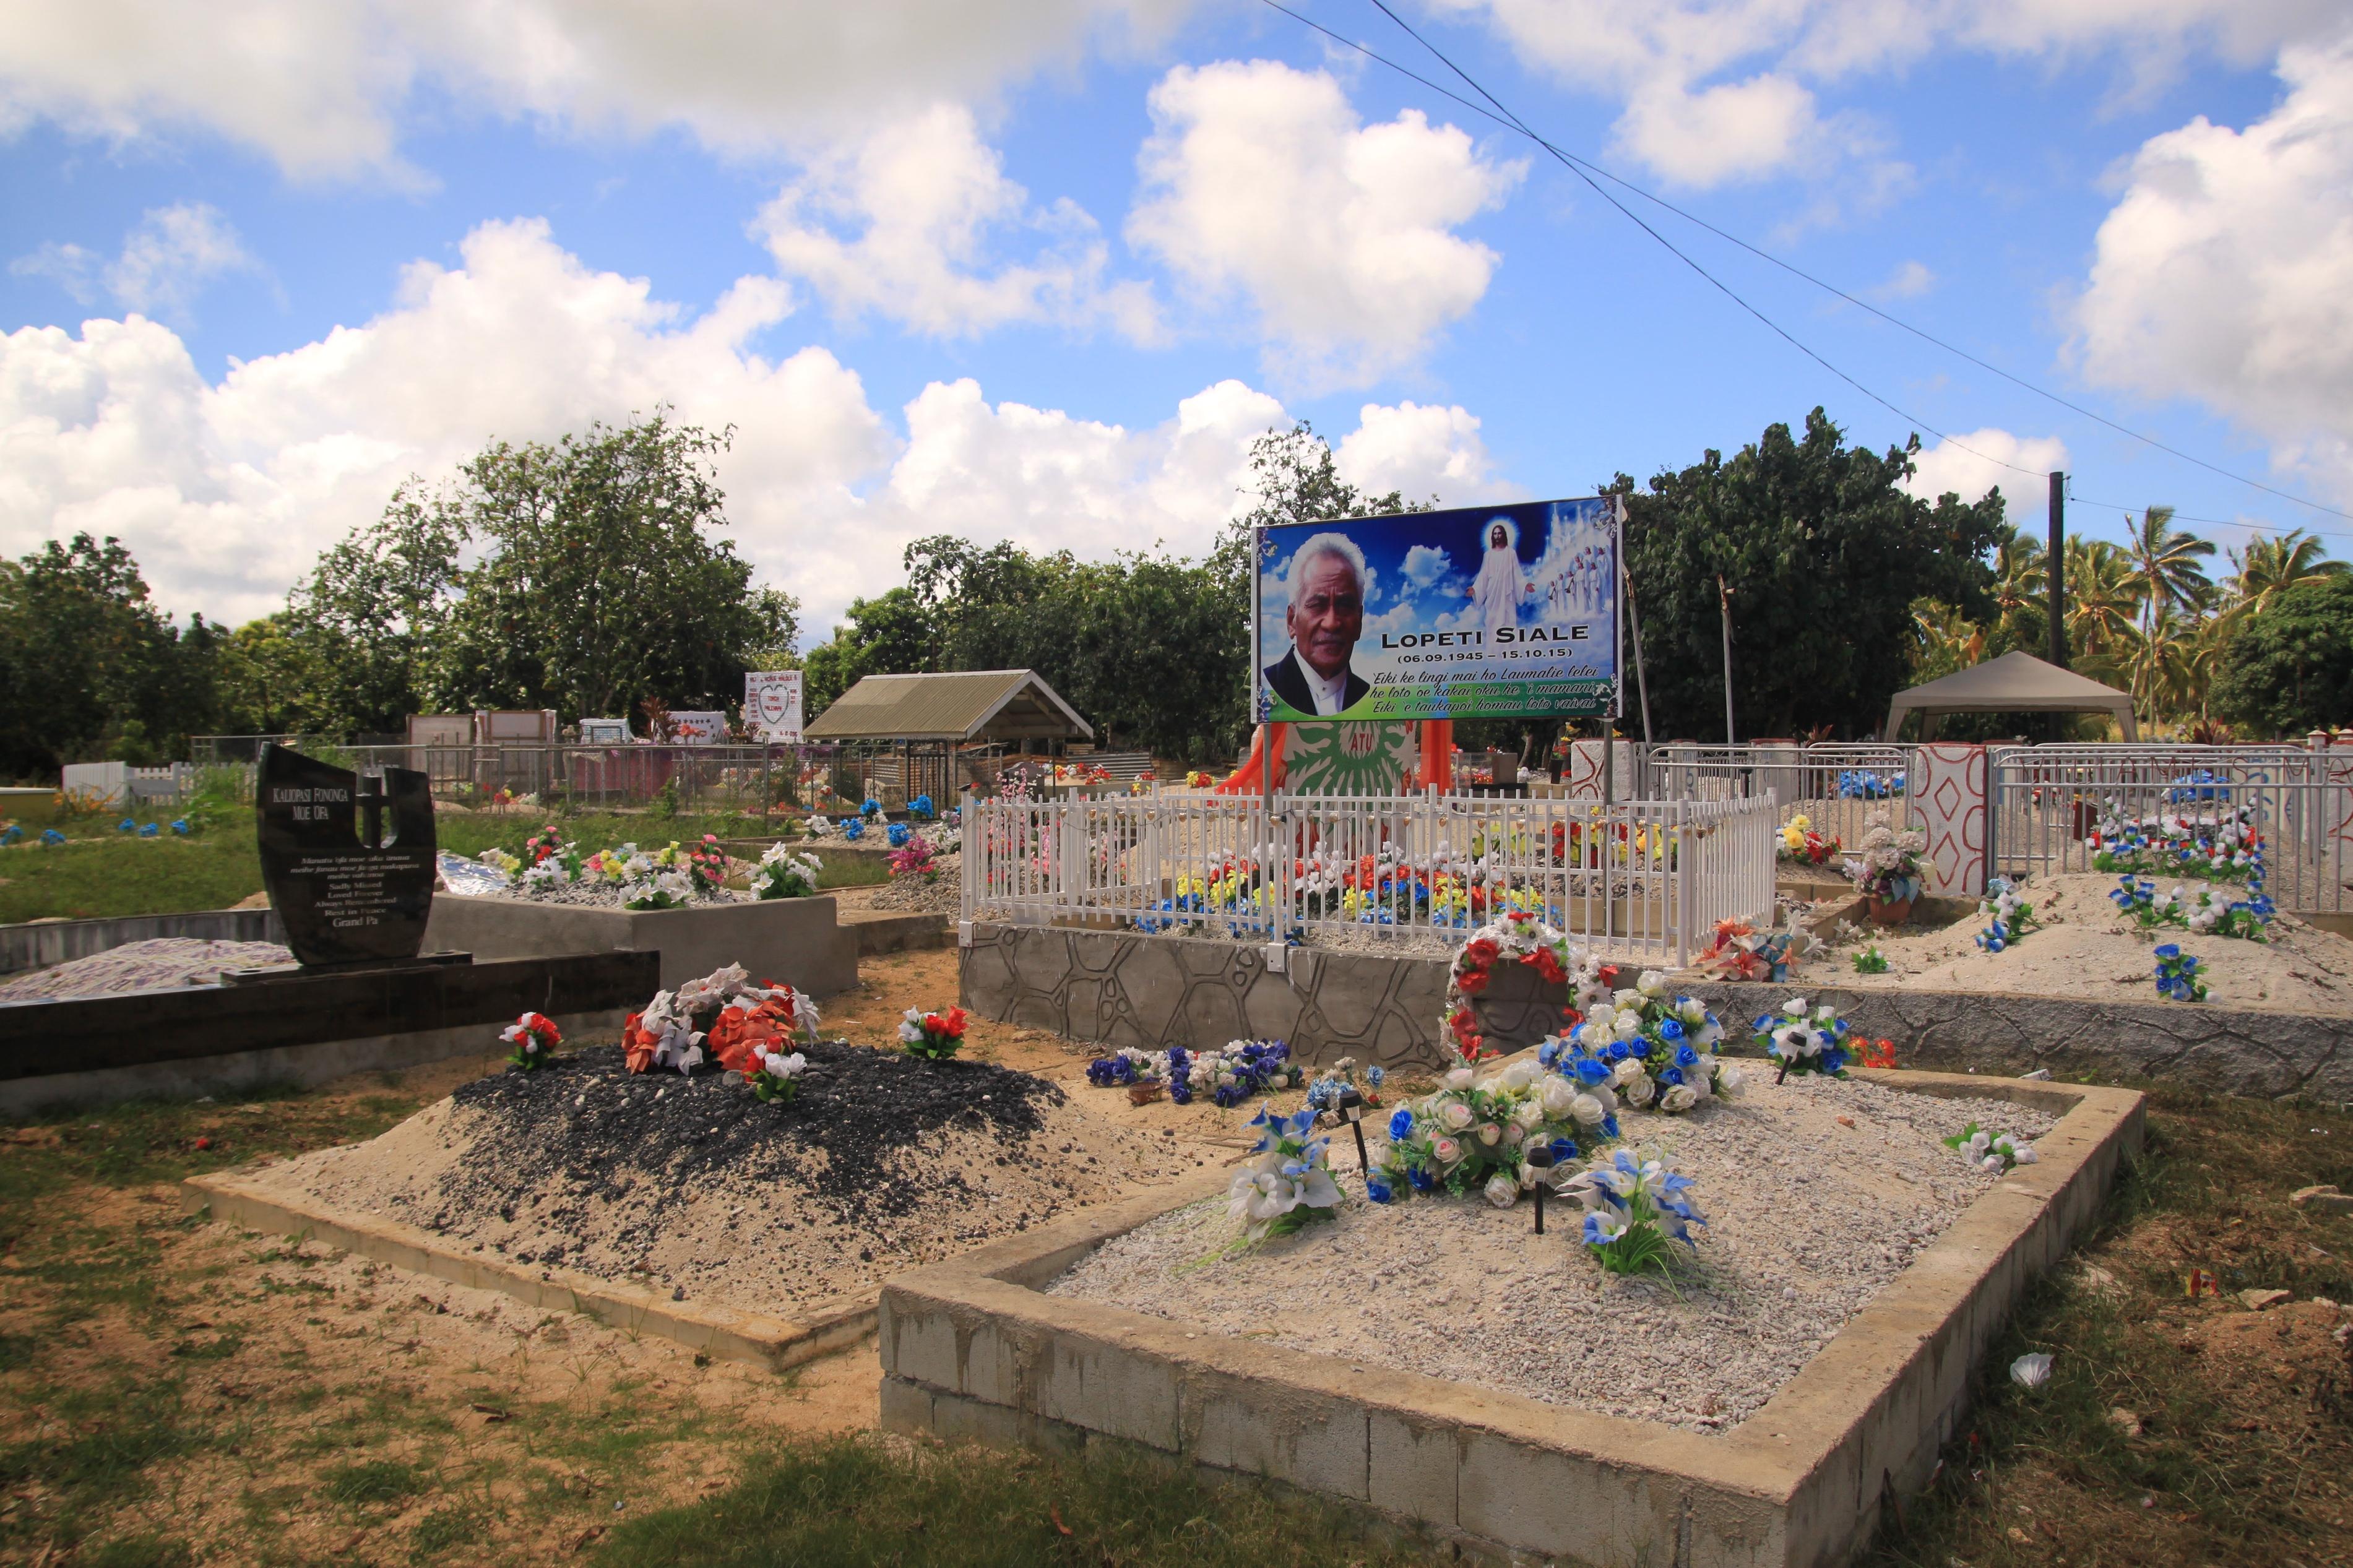 Tongai temető. Első pillantásra azt hittem, hogy játszótér....